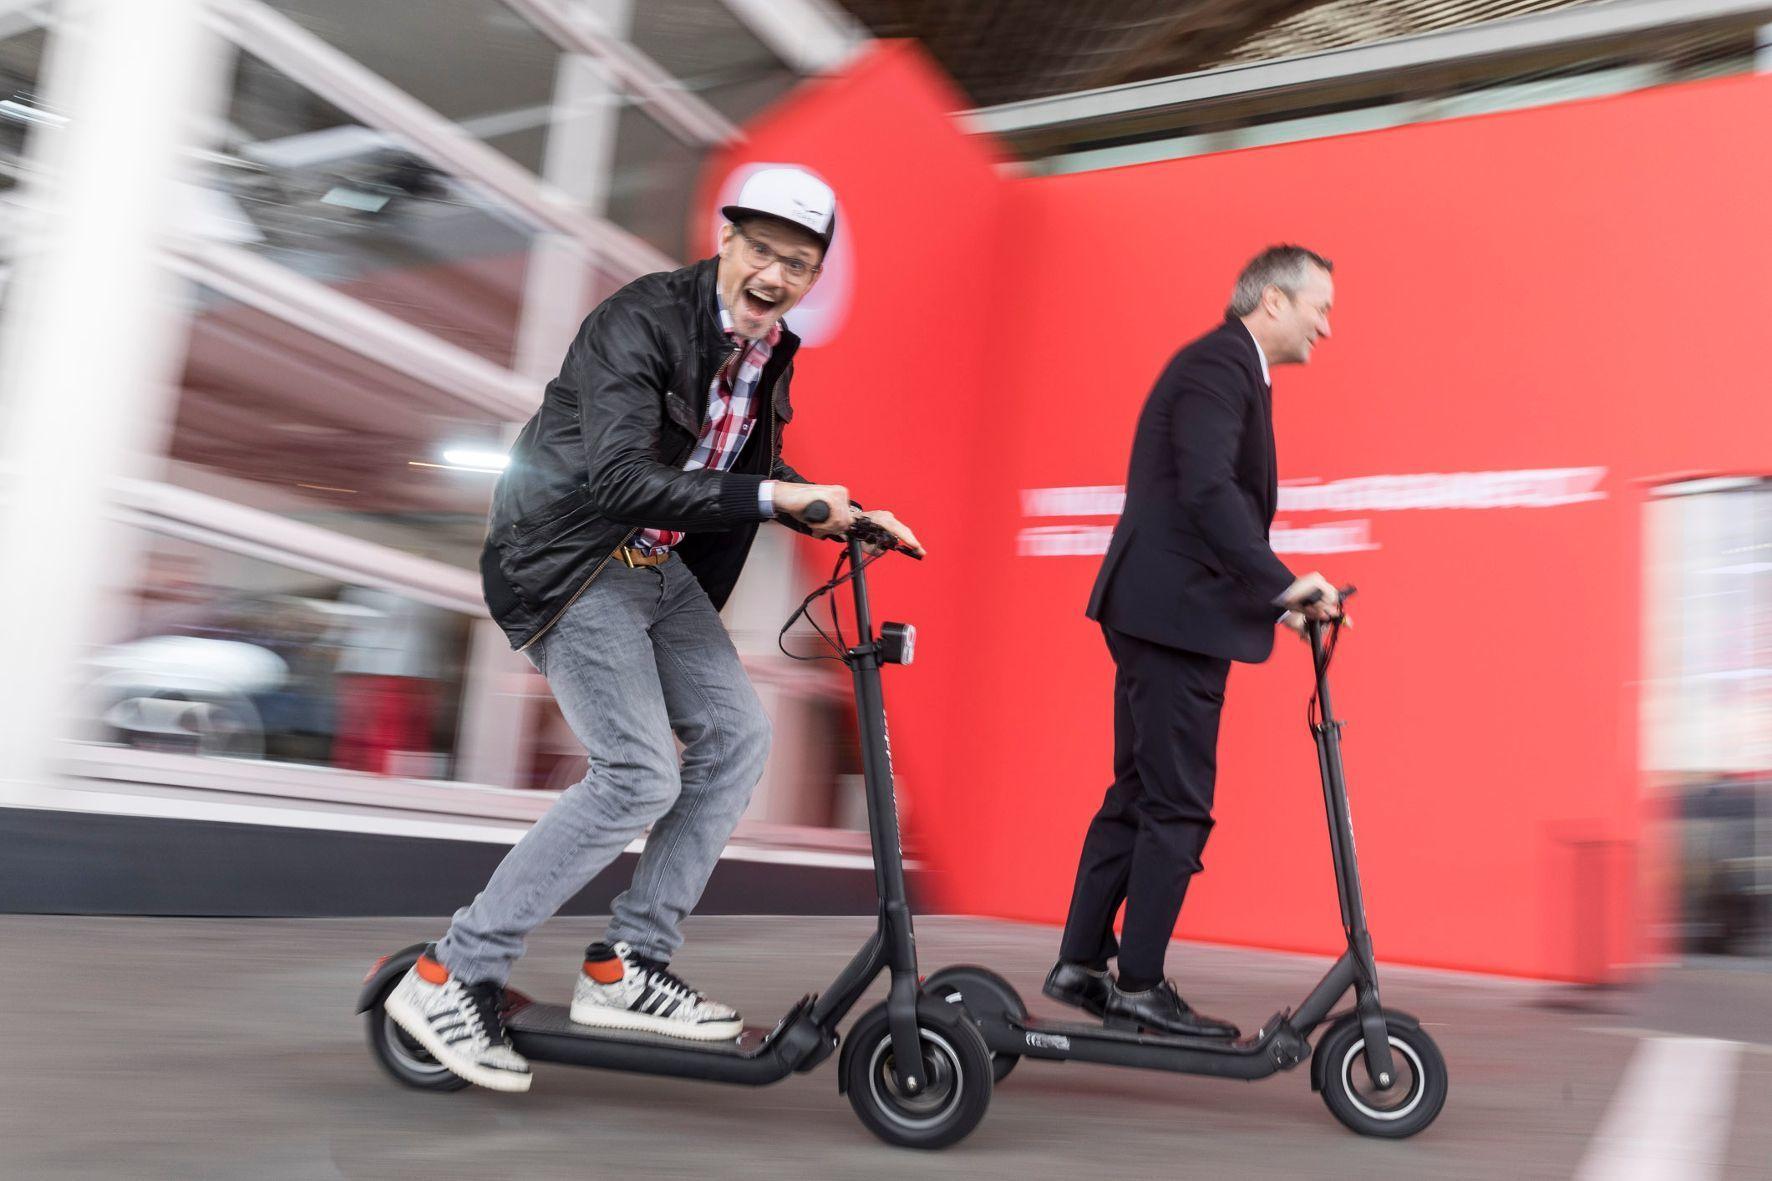 mid Groß-Gerau - Vodafone macht mobil: Der Telekommunikations-Gigant will das Rollersharing am Markt etablieren.